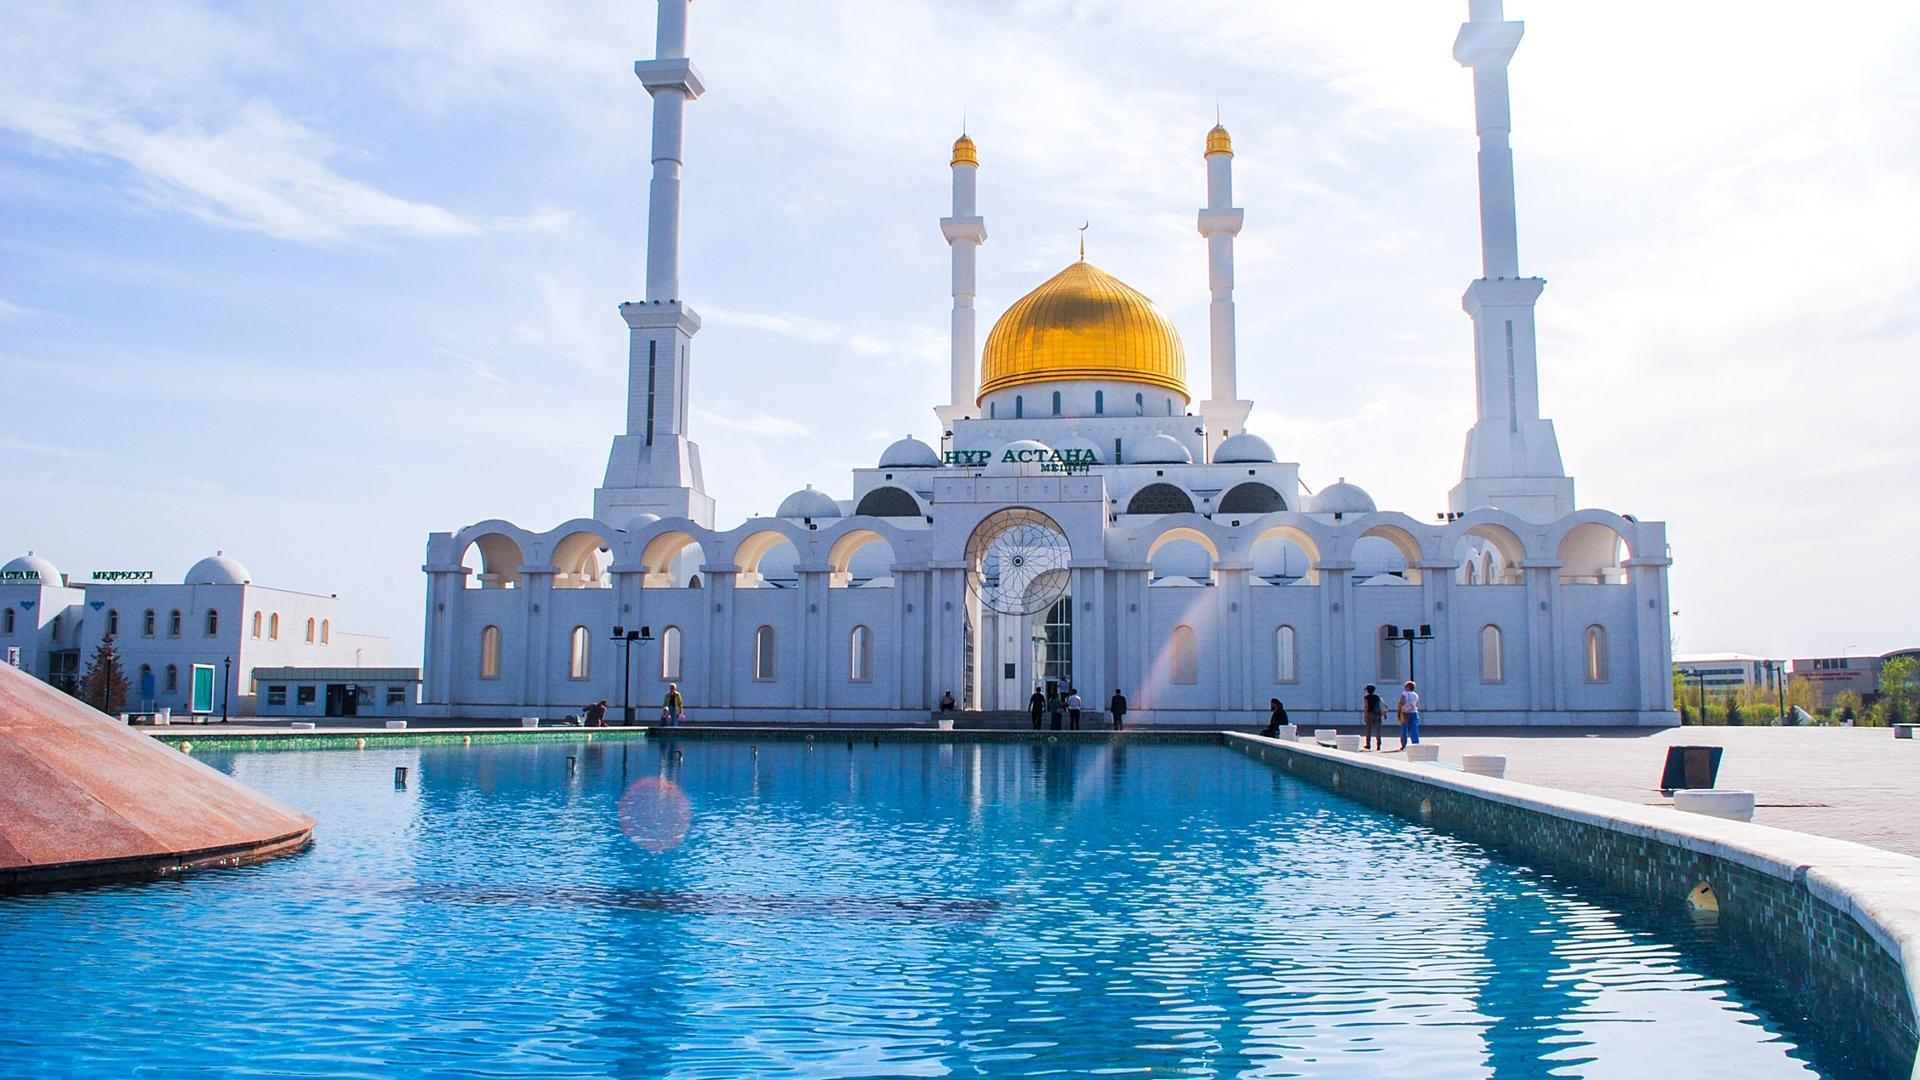 BUAT MASJID MEWAH DAN MEGAH BUKAN AMALAN ISLAM